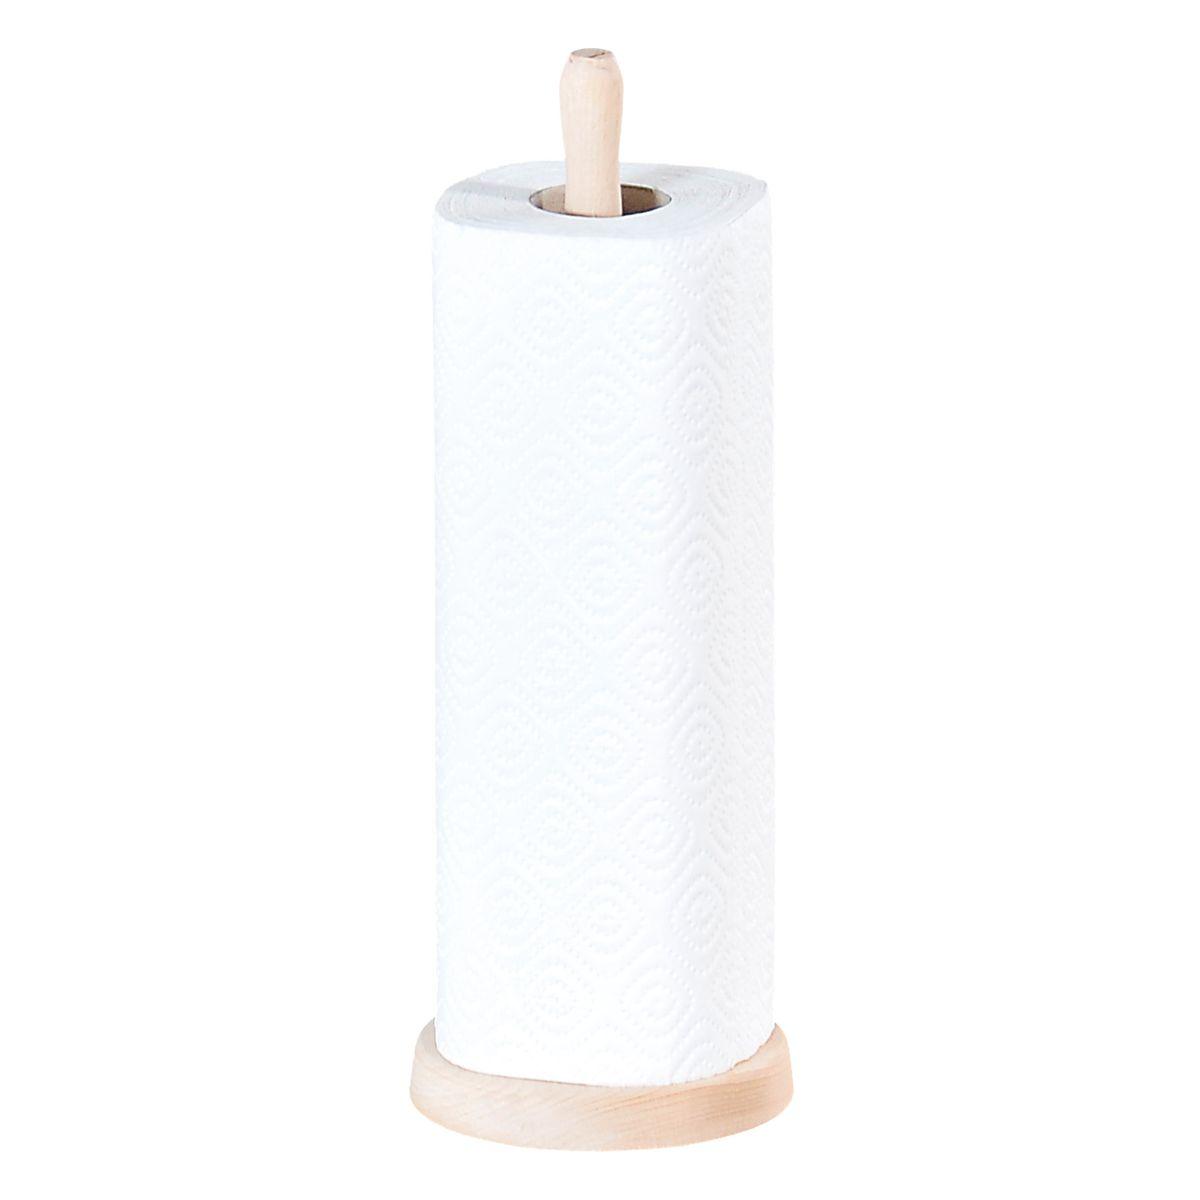 Стойка для бумажных полотенец Kesper, высота 33 см. 1200-21200-2Стойка для бумажных полотенец Kesper изготовлена из натурального дерева. Состоит из круглого основания и стержня, на который устанавливается рулон с бумажными полотенцами. Стойка очень удобна в использовании.Оригинальный держатель стильно украсит интерьер кухни и станет аксессуаром, который будет обращать на себя внимание.Высота стойки: 33 см.Диаметр стойки: 11 см.